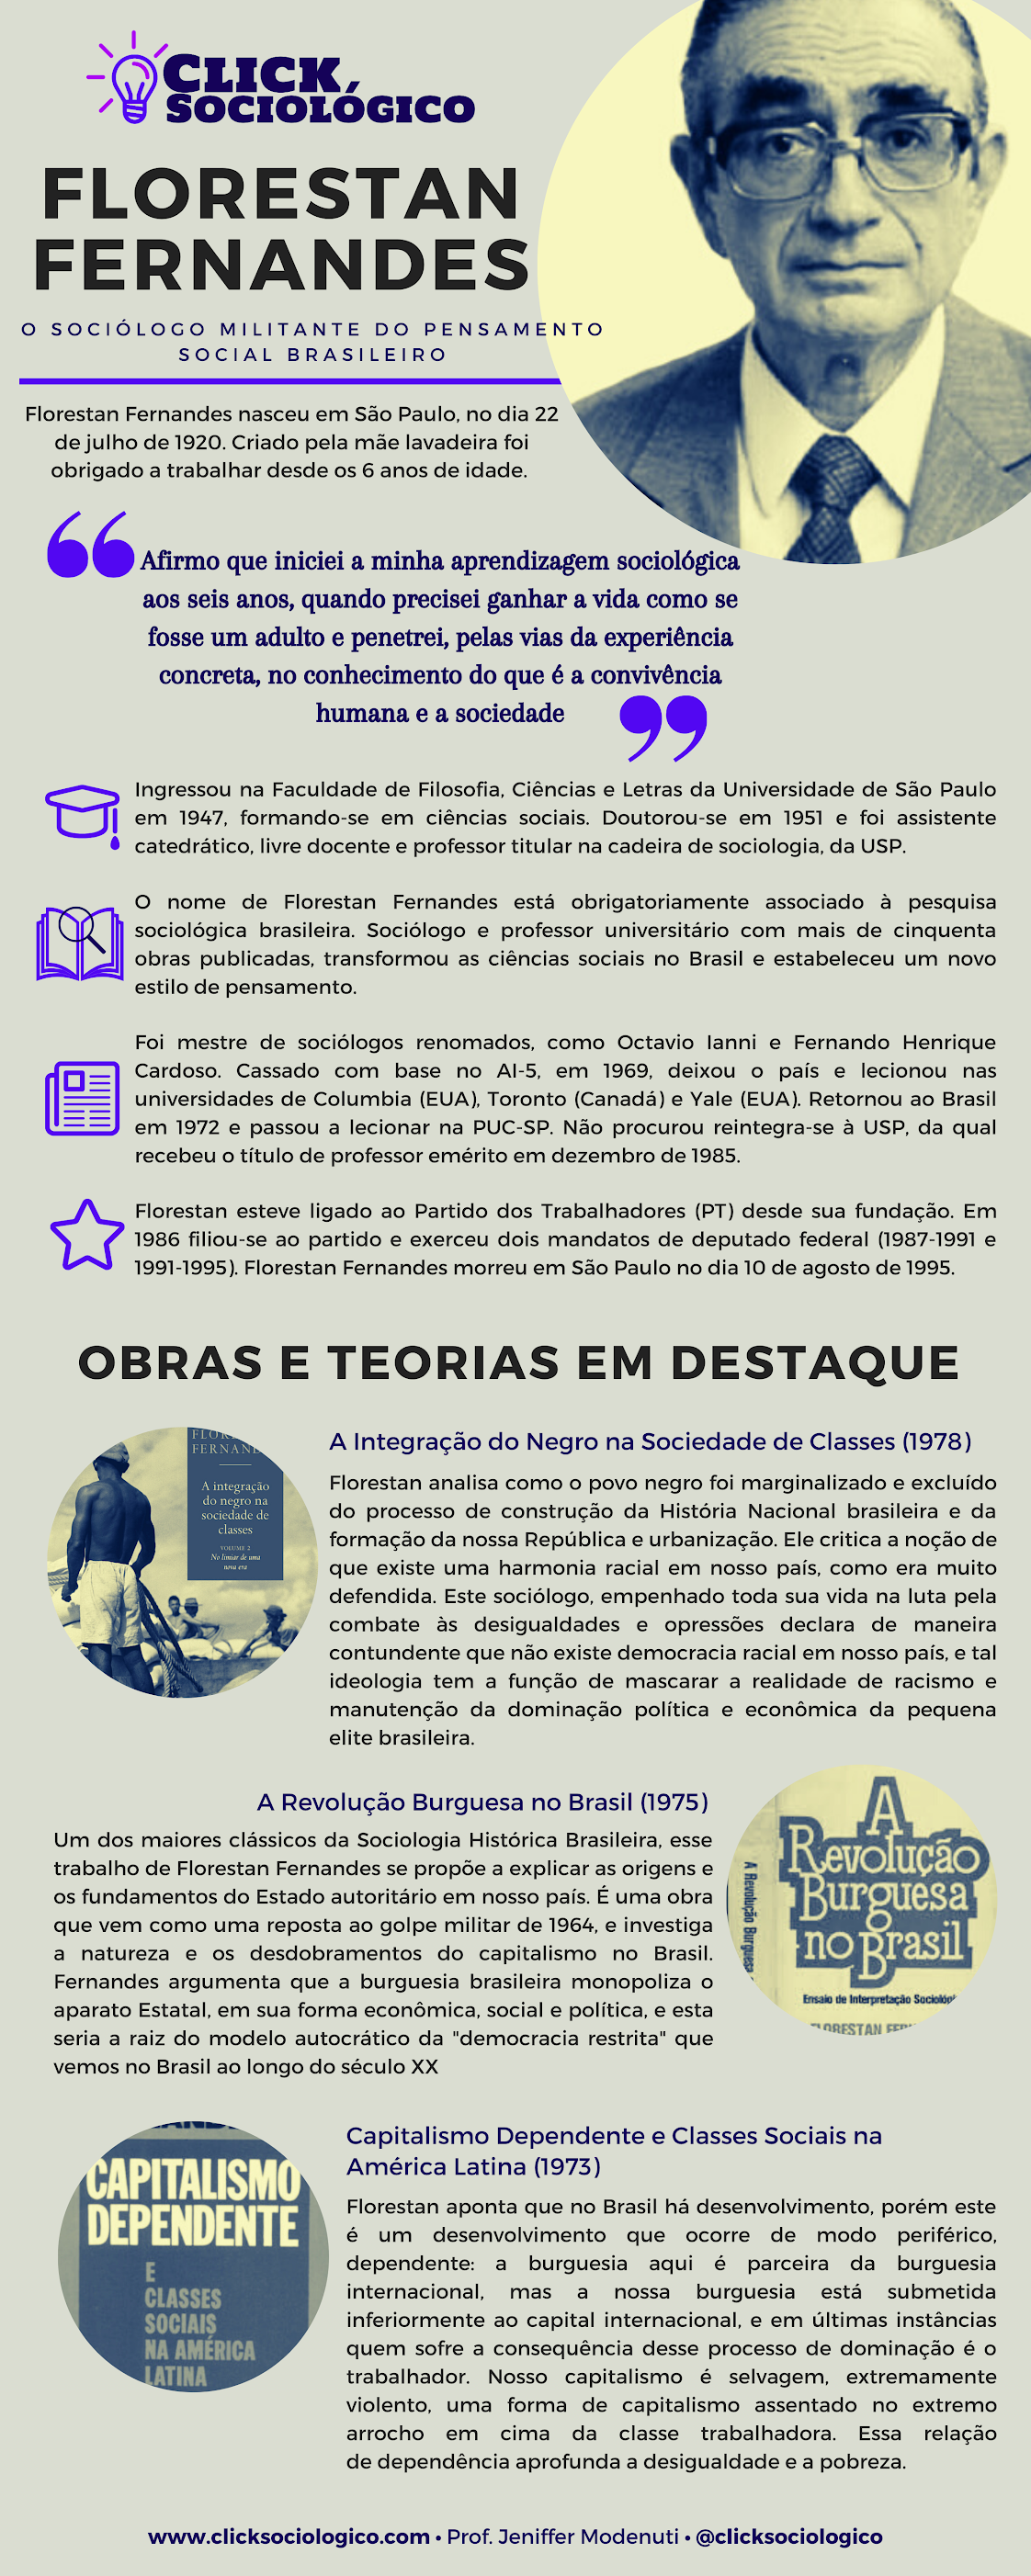 infográfico biografia e teoria sociológica de florestan fernandes